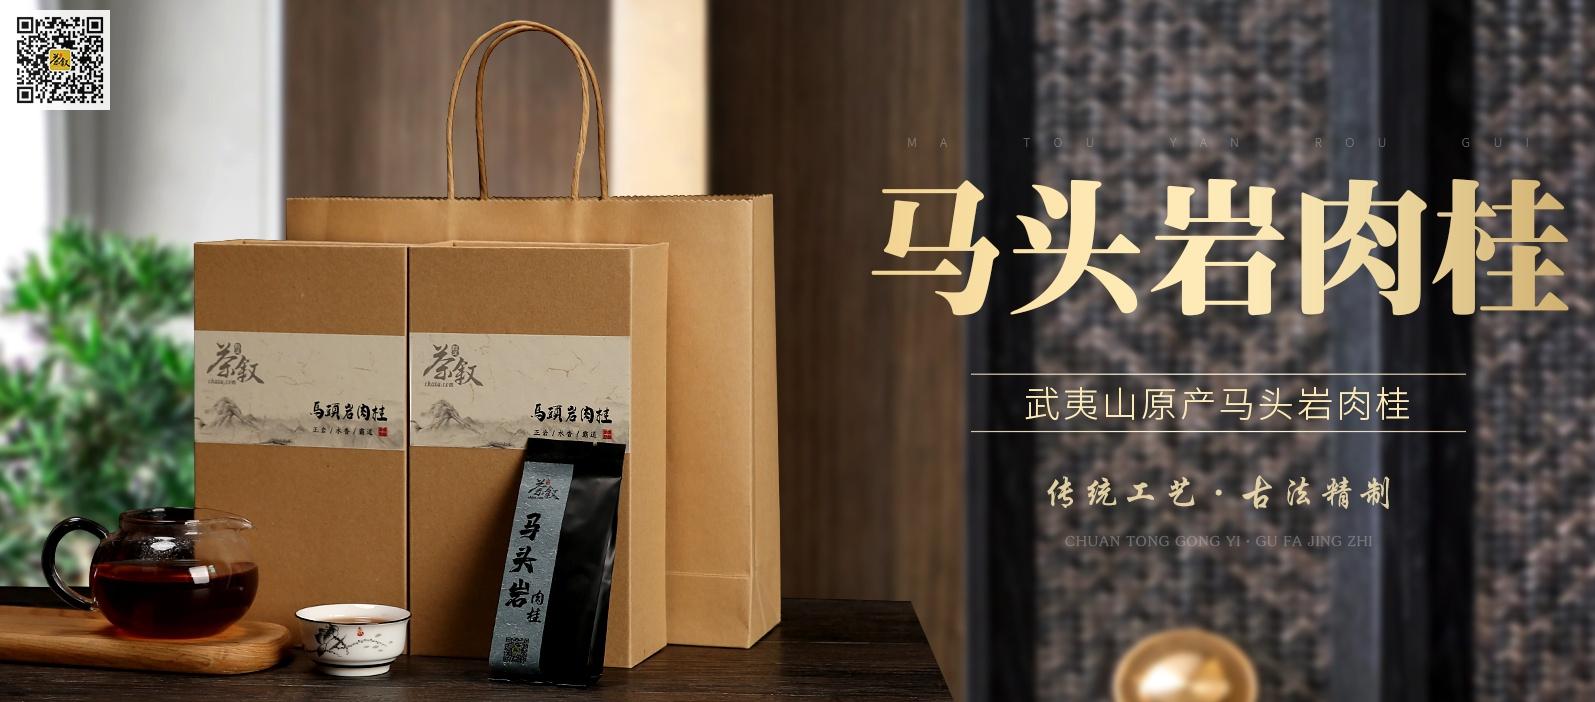 马头岩肉桂广告banner